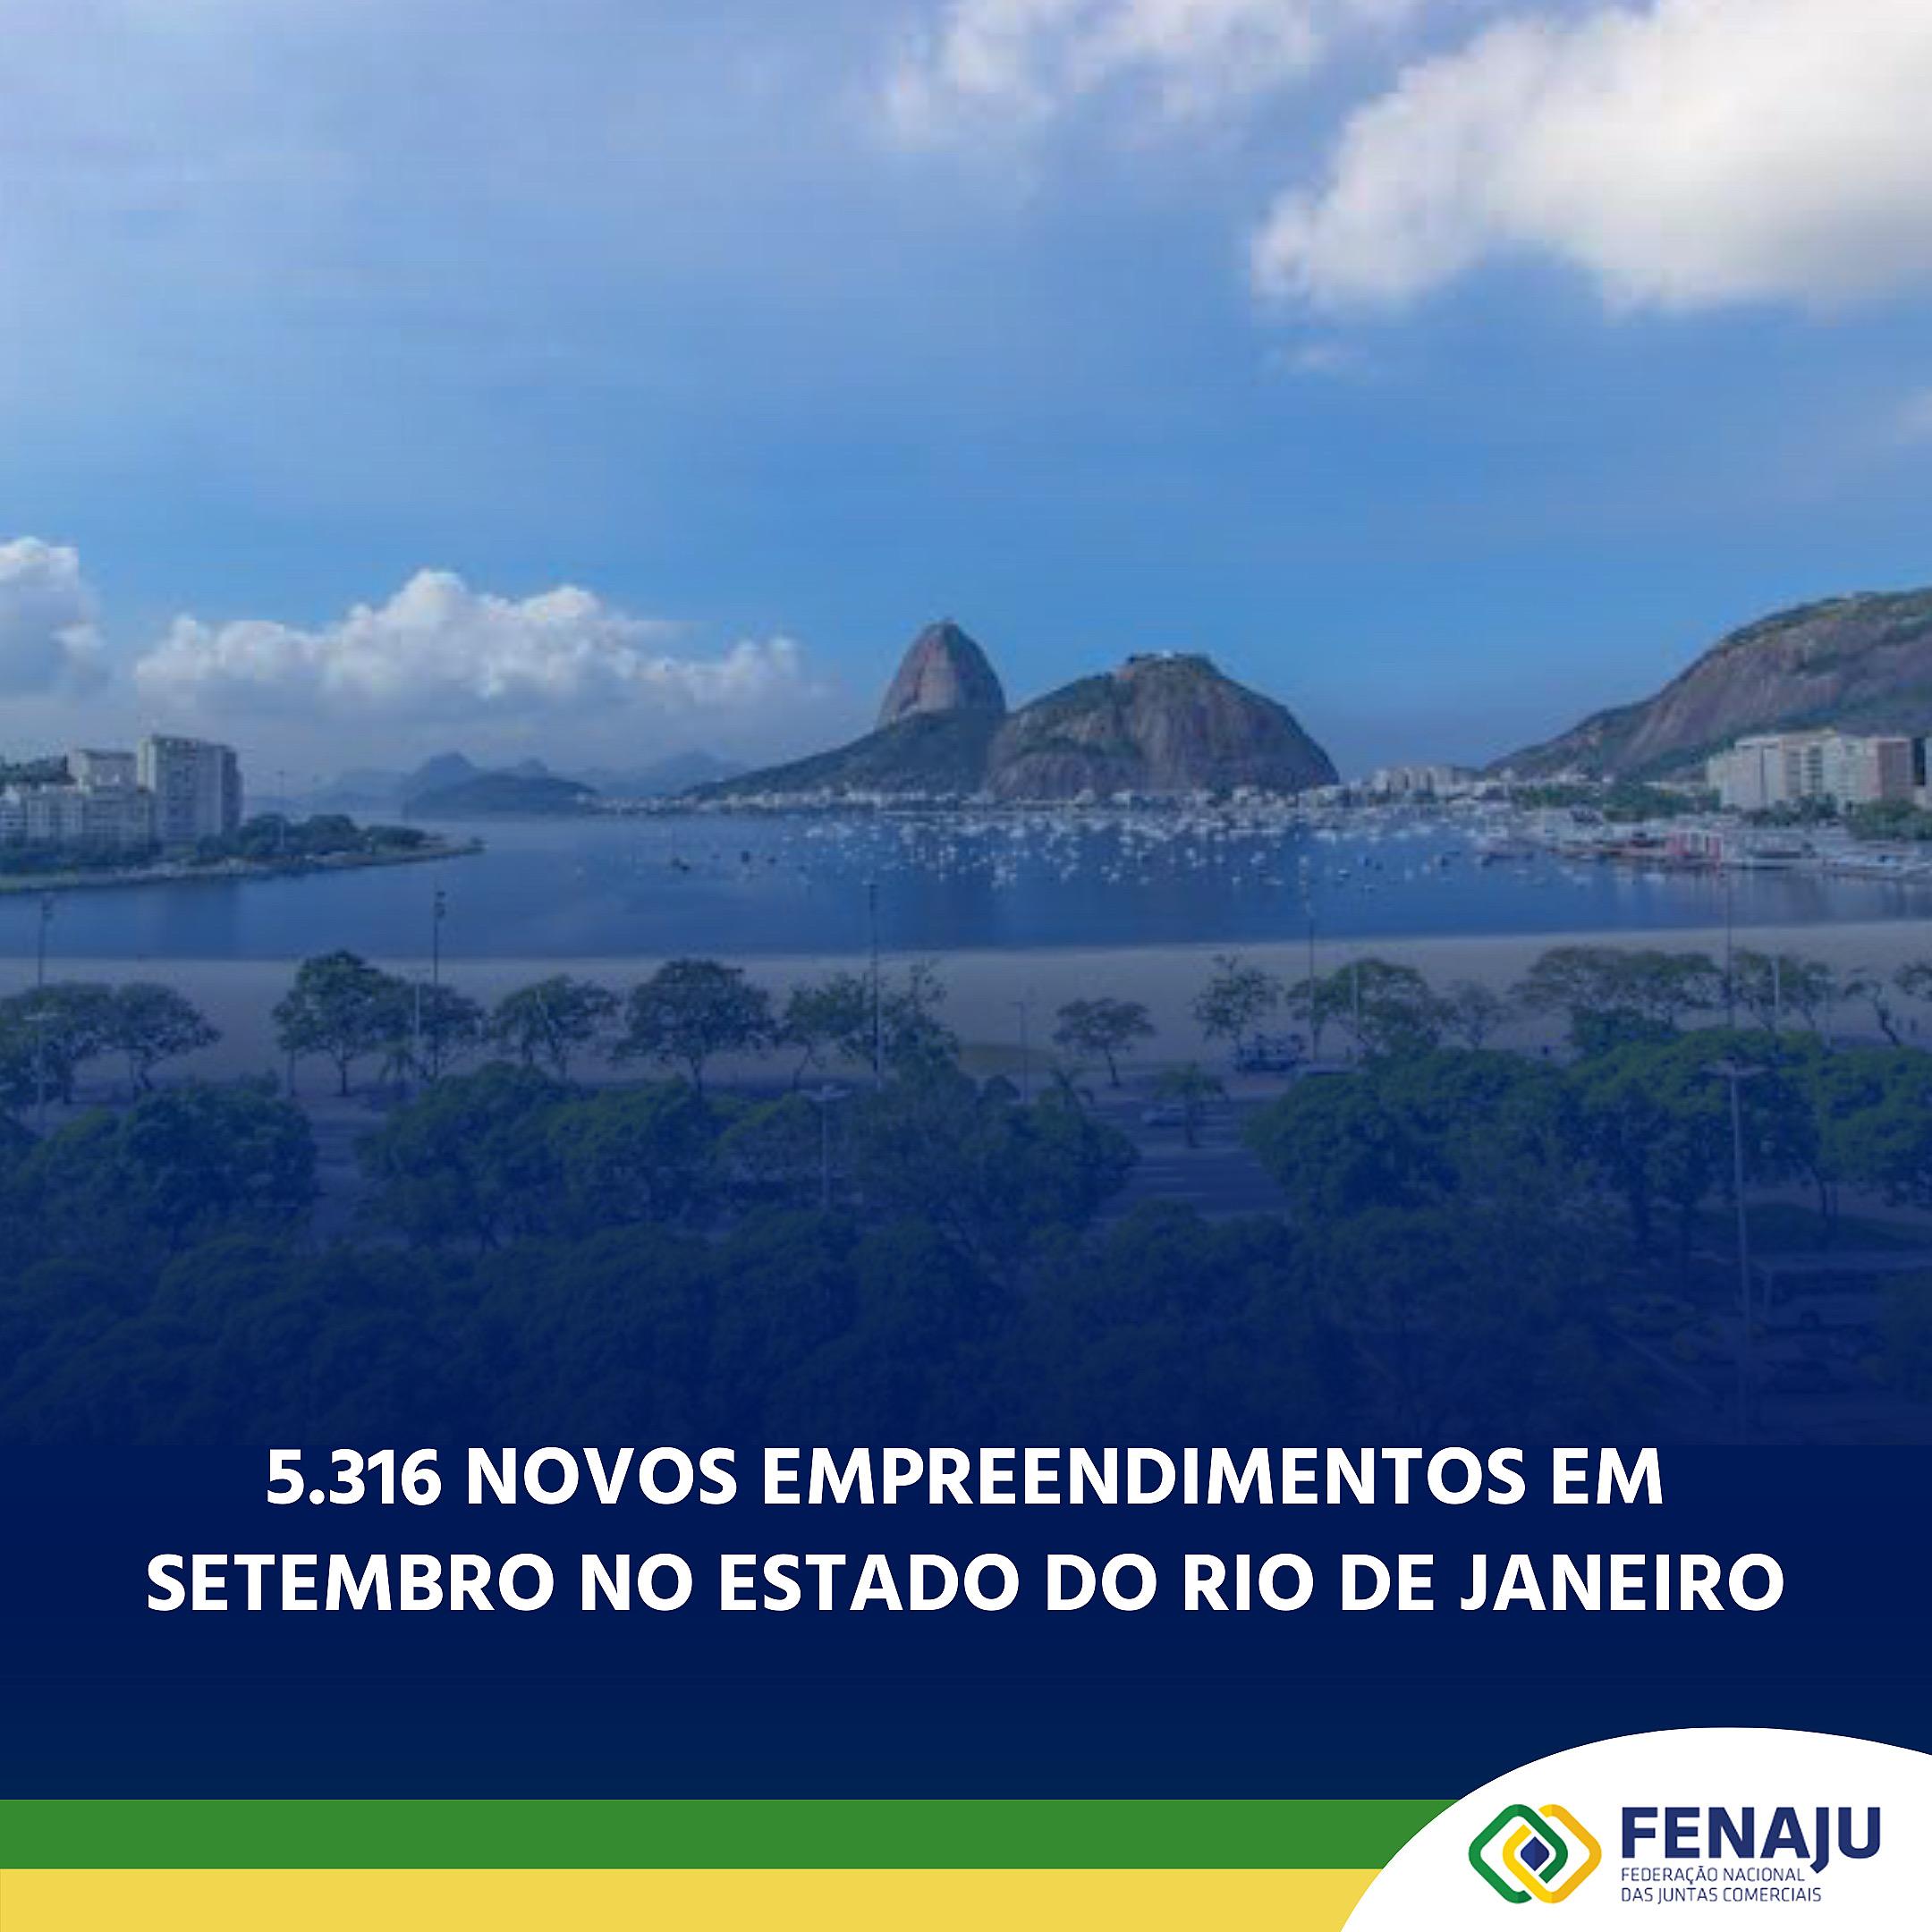 5.316 novos empreendimentos em setembro no Estado do Rio de Janeiro